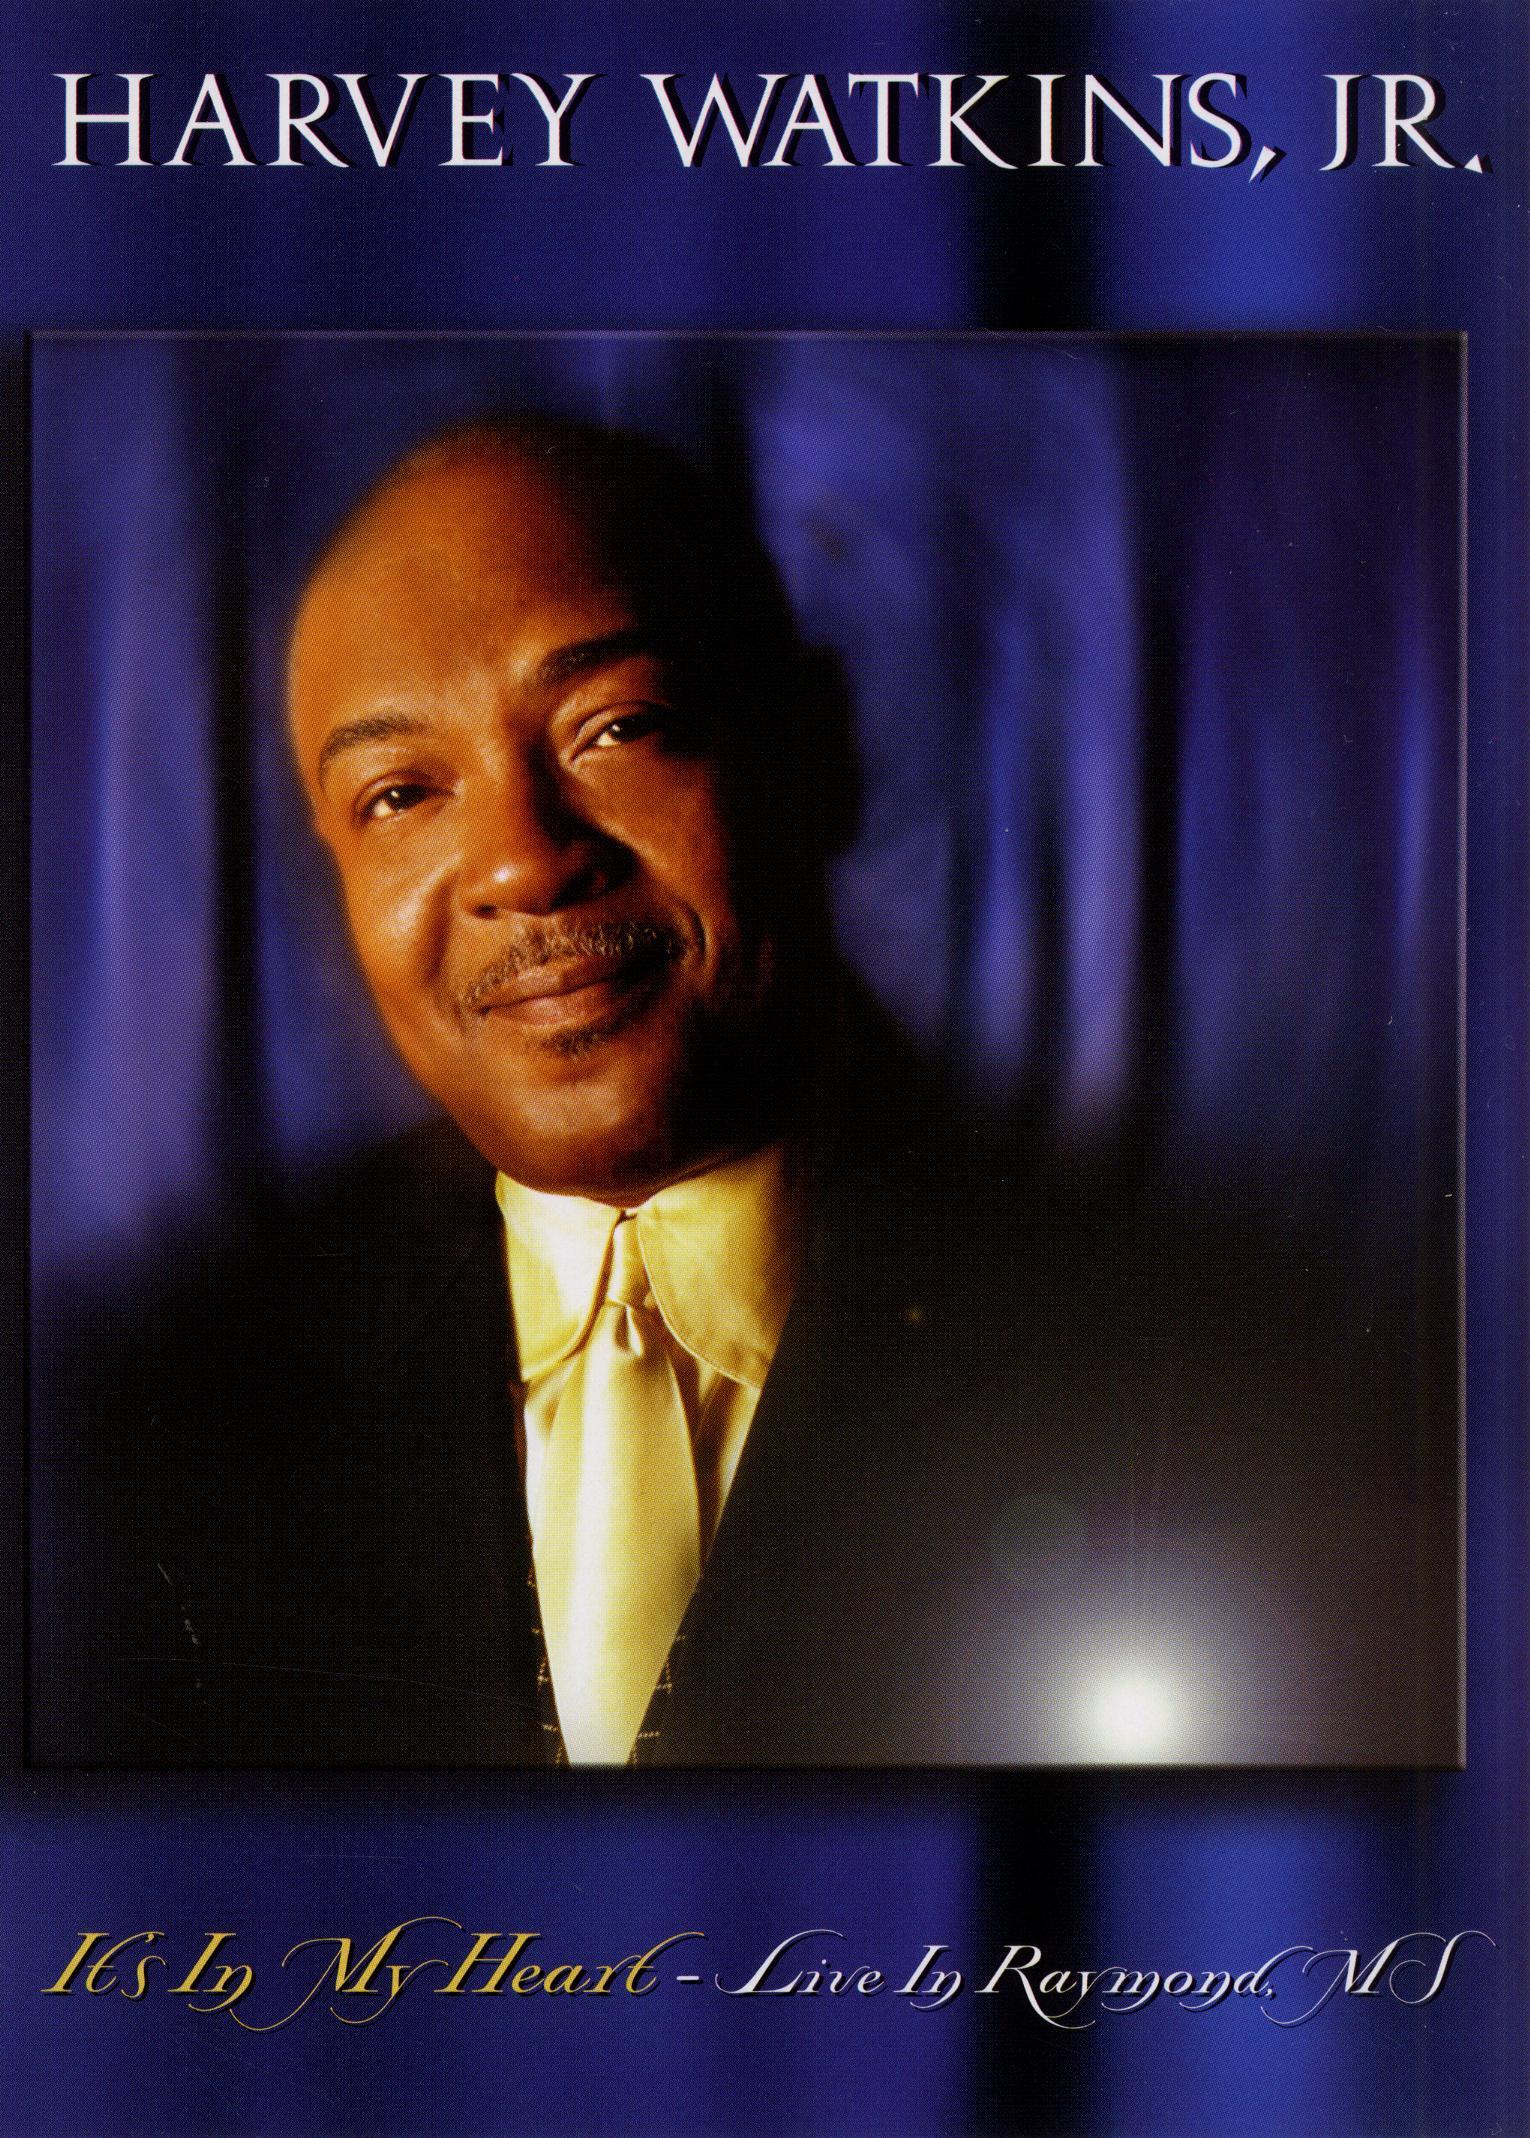 Harvey Watkins, Jr.: It's in My Heart - Live in Raymond, MS